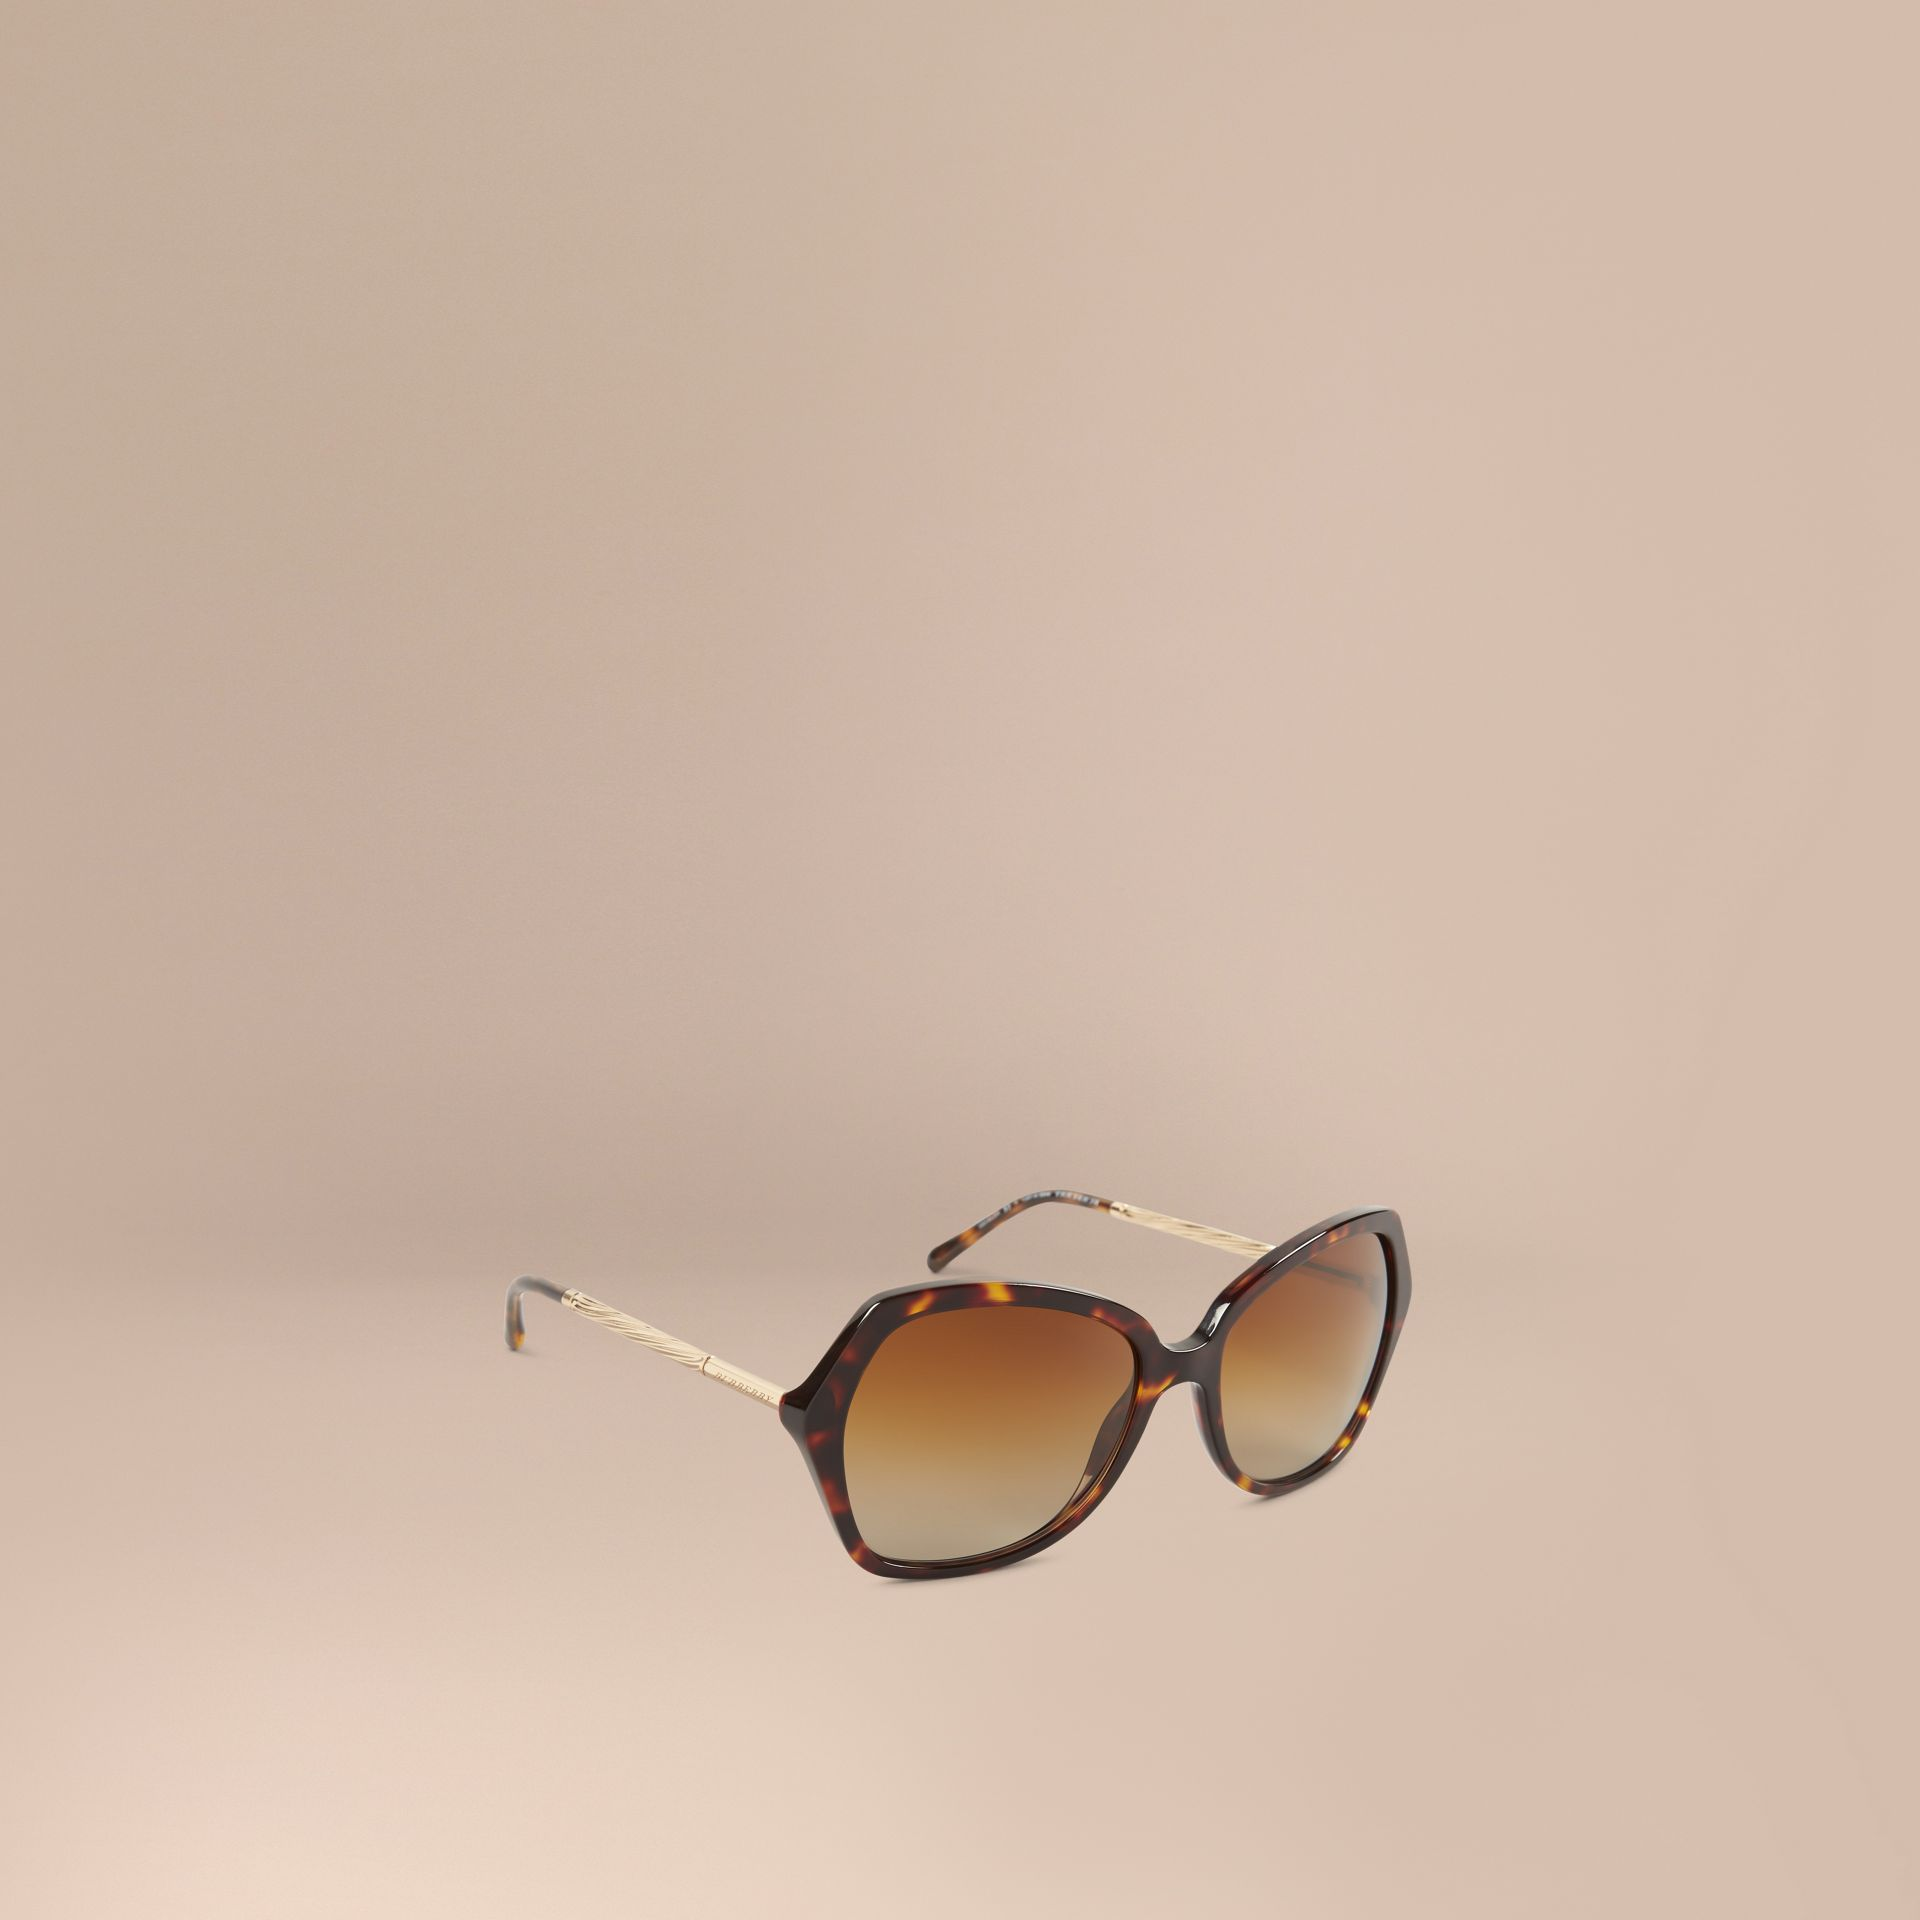 Schildpattfarben Extragroße Sonnenbrille mit eckigem Gestell aus der Gabardine-Kollektion Schildpattfarben - Galerie-Bild 1